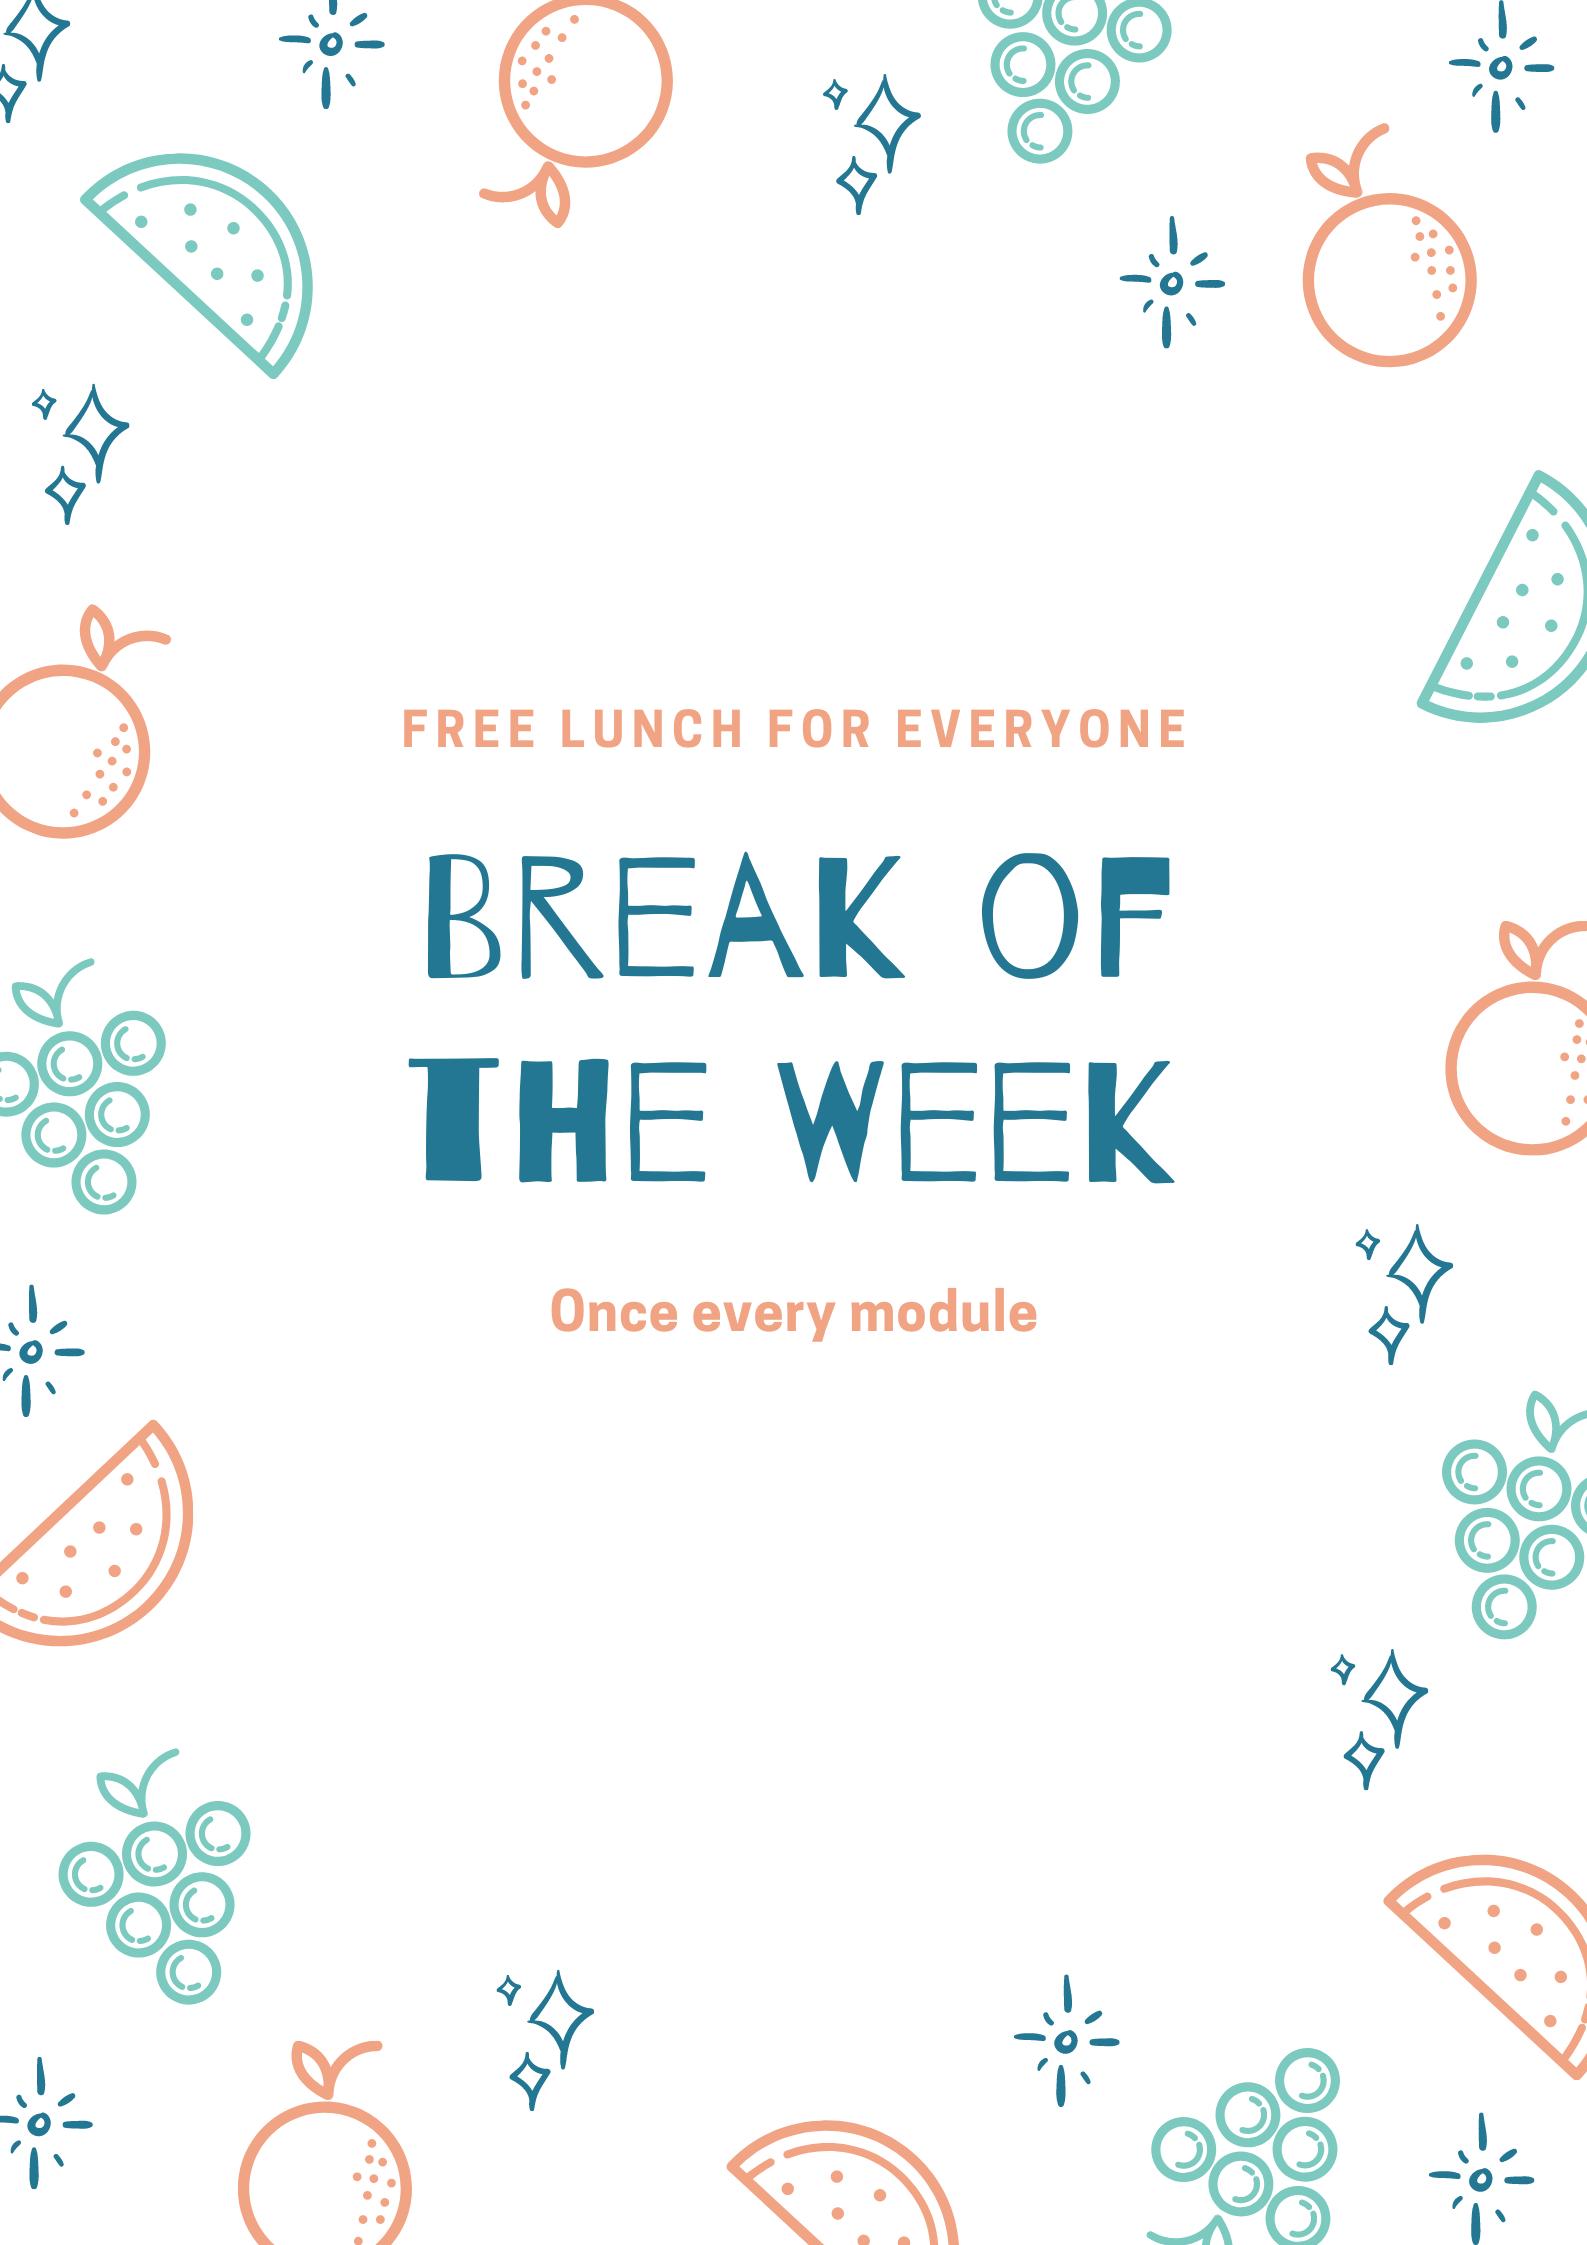 Break of the Week